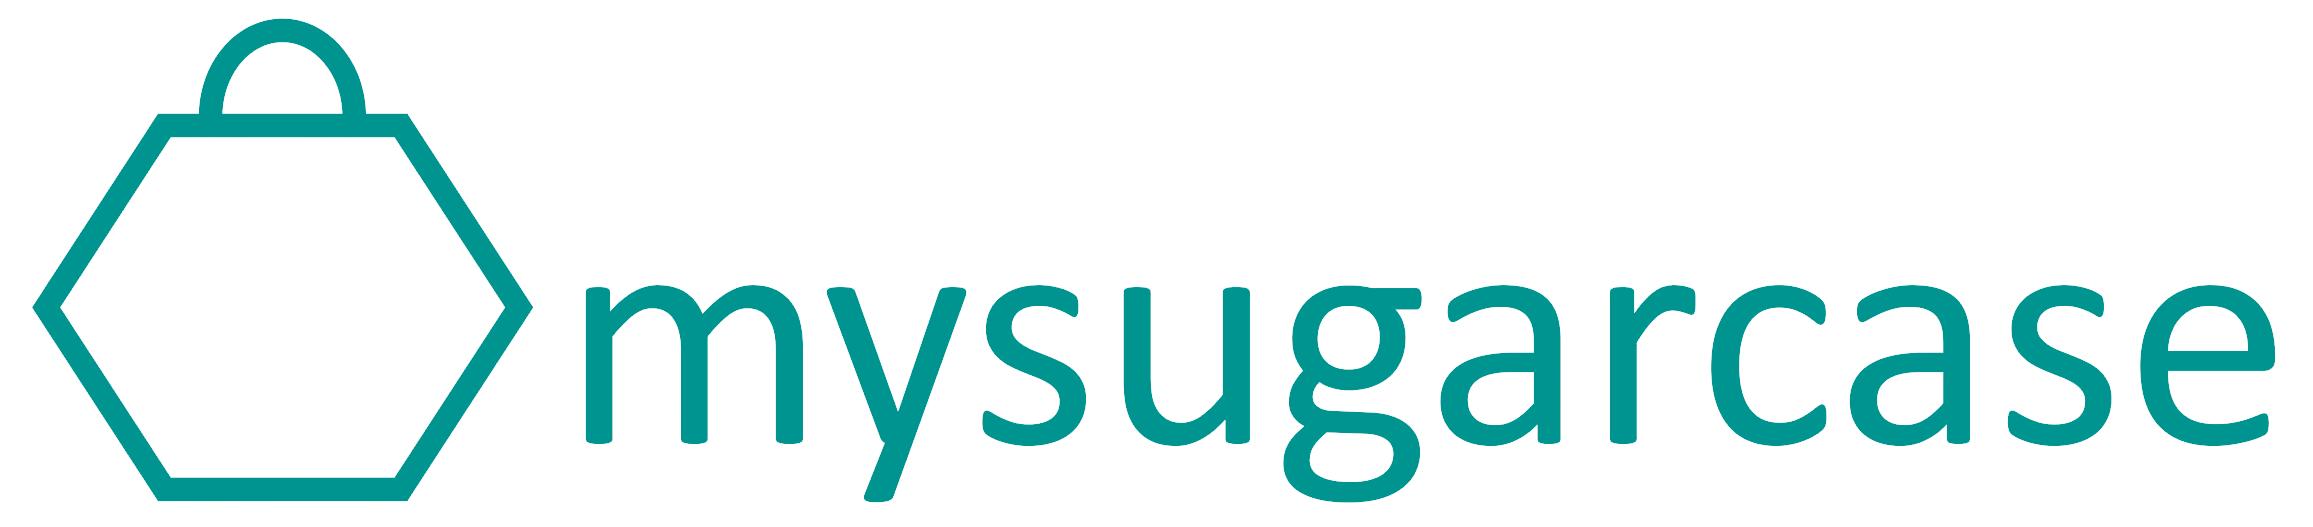 mysugarcase